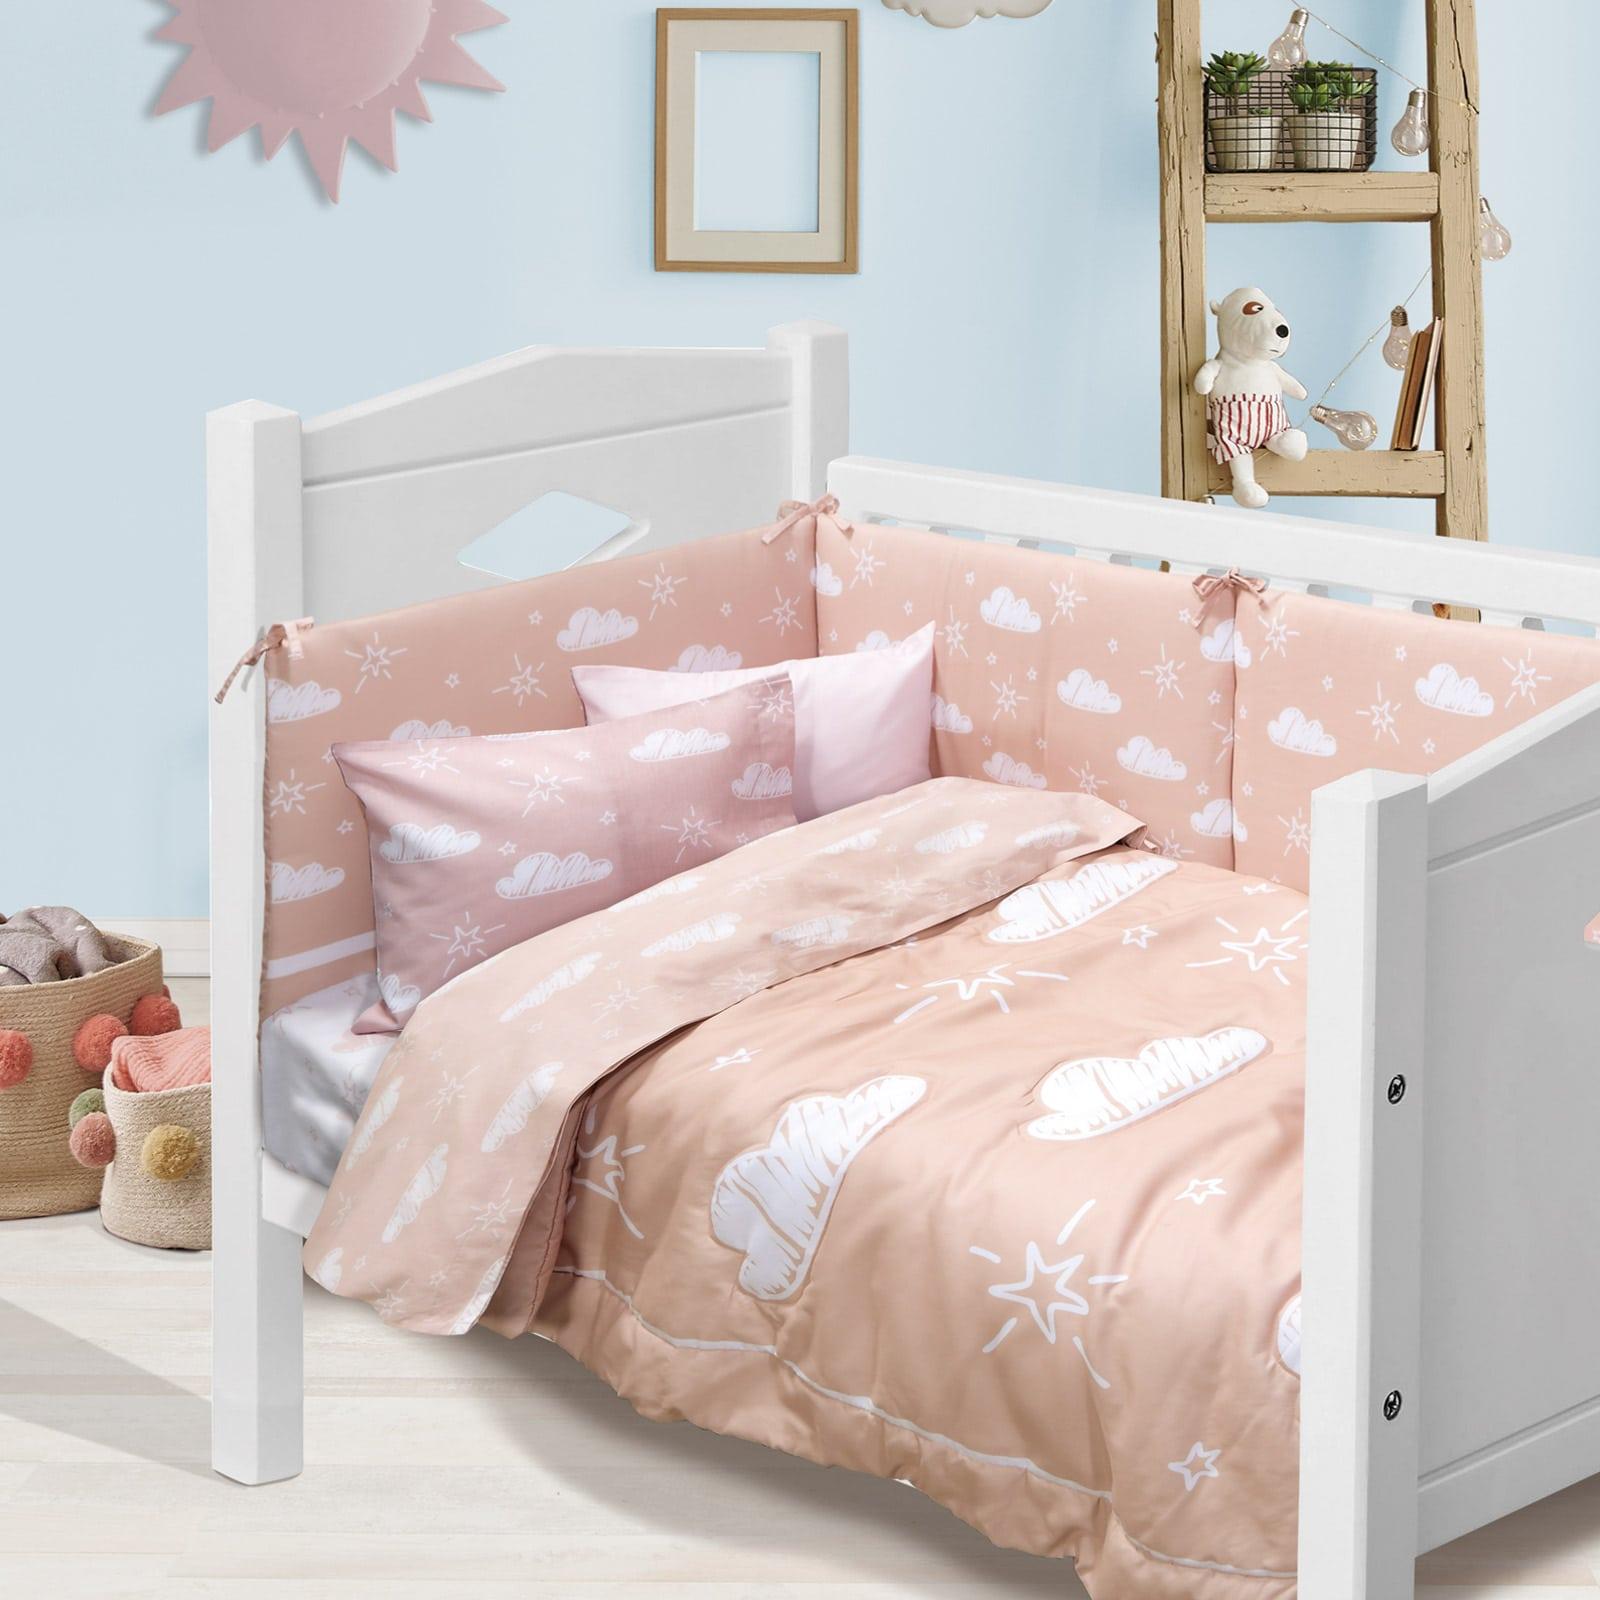 Πάντα Κούνιας 4746 Fun Baby Digital Somon-White Das Home 45x195cm